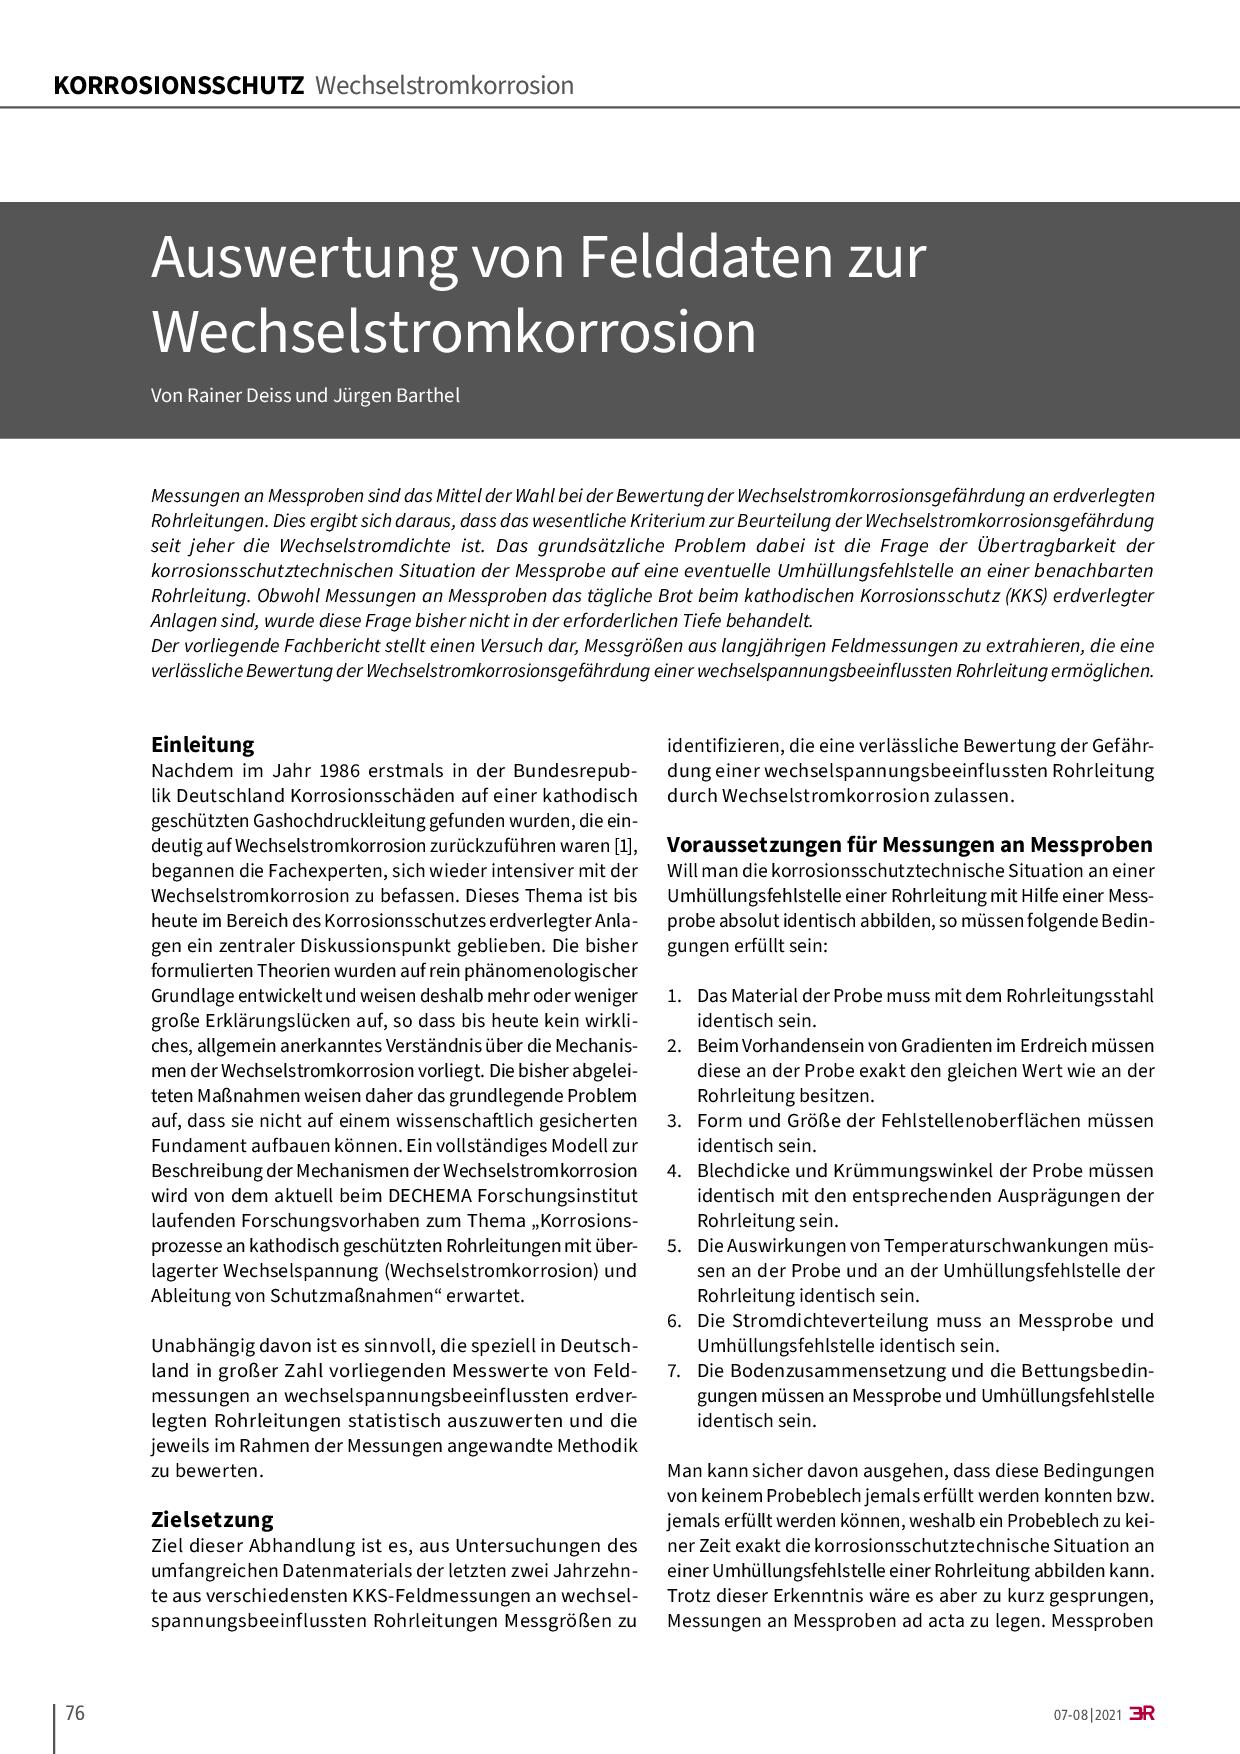 Auswertung von Felddaten zur Wechselstromkorrosion